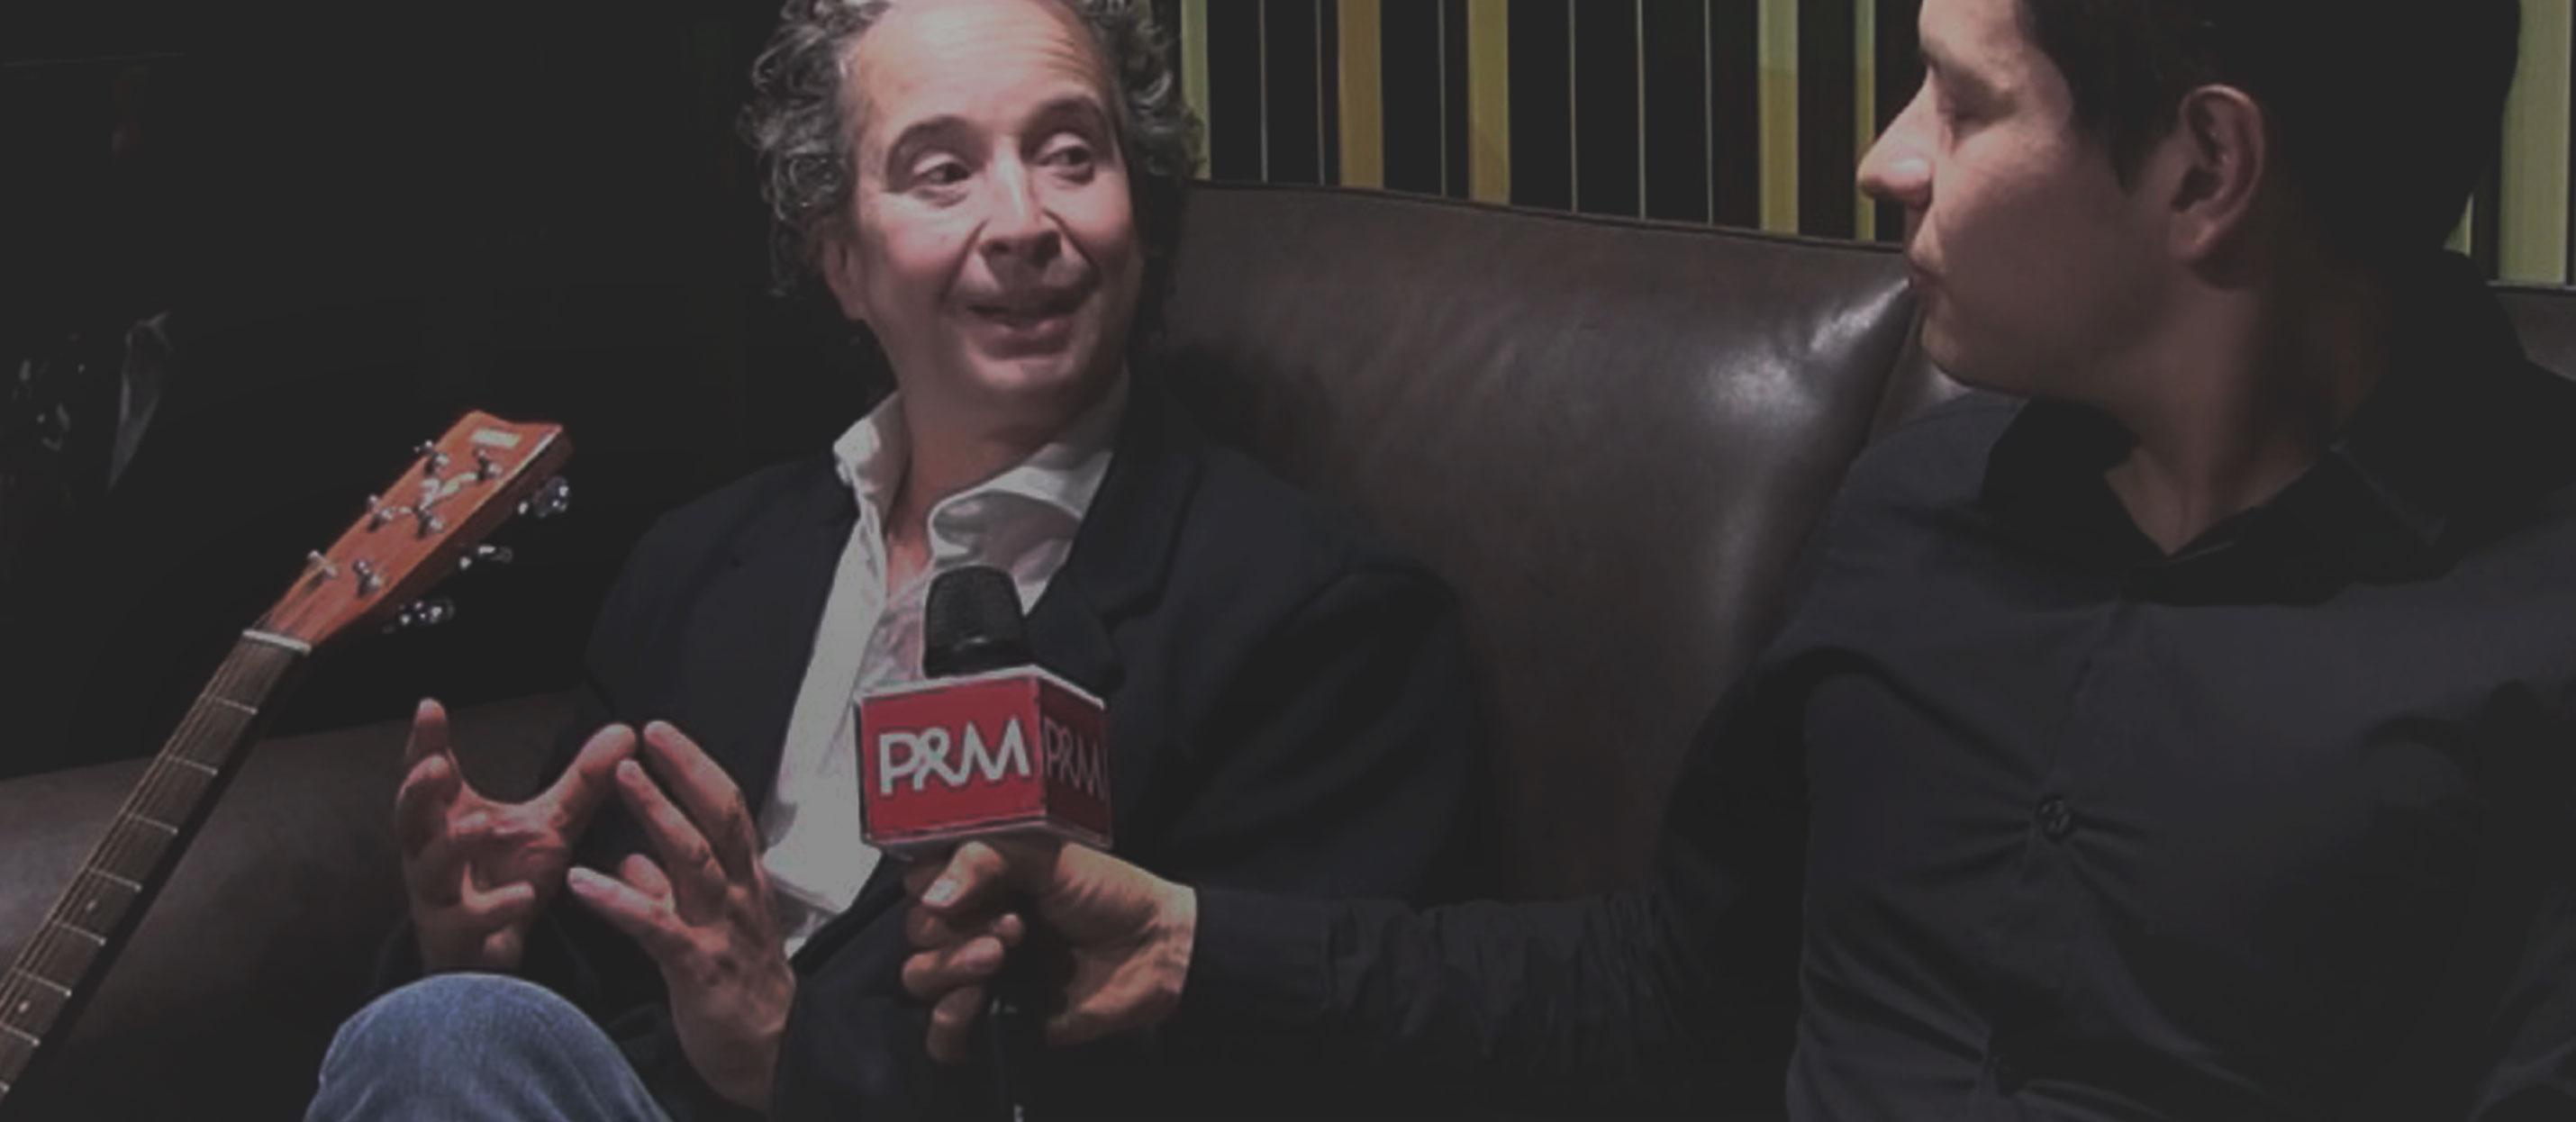 Entrevista de Miguel con los amigos de P&M